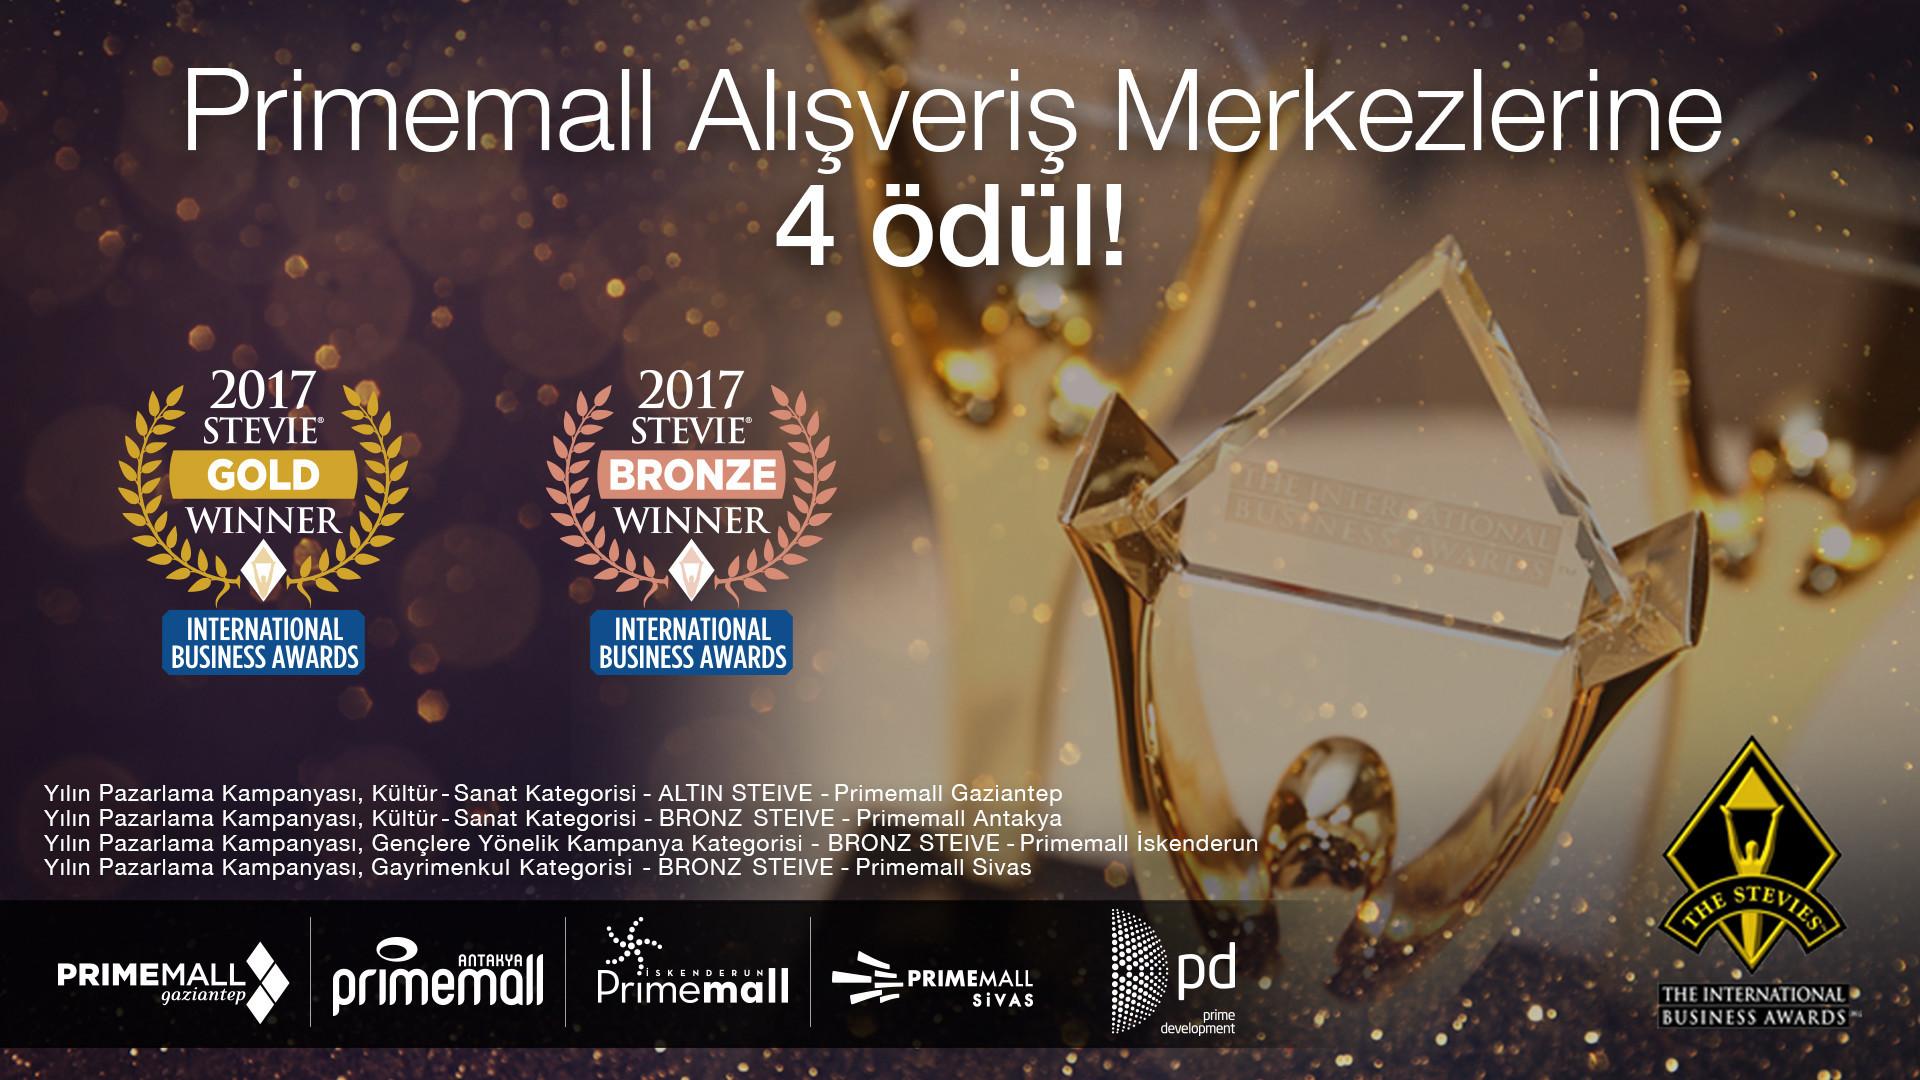 Primemall Alışveriş Merkezine 4 Ödül